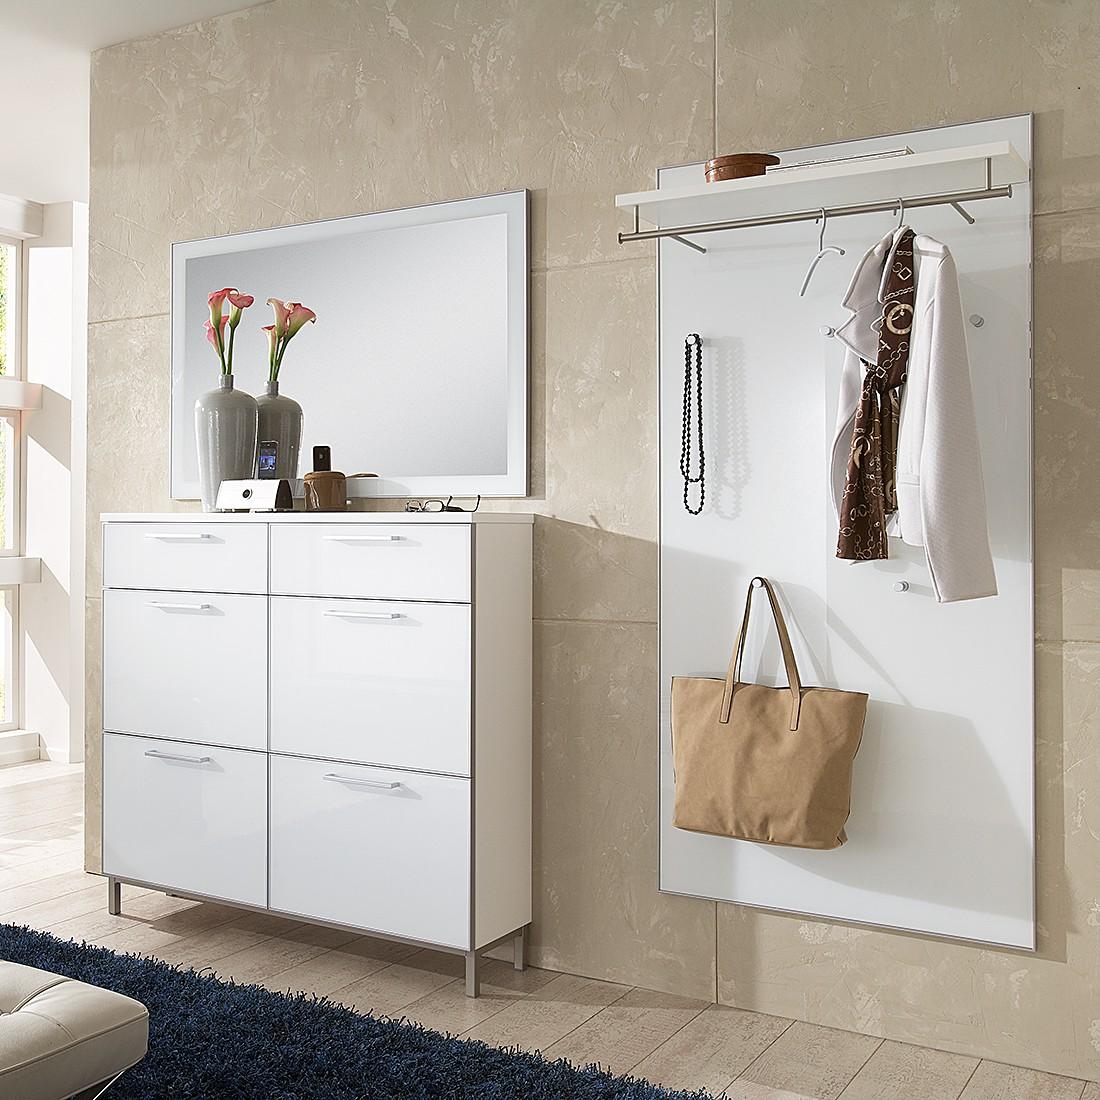 Garderobenset Alves I (3-teilig) – Weiß/Glas Weiß, Voss online kaufen